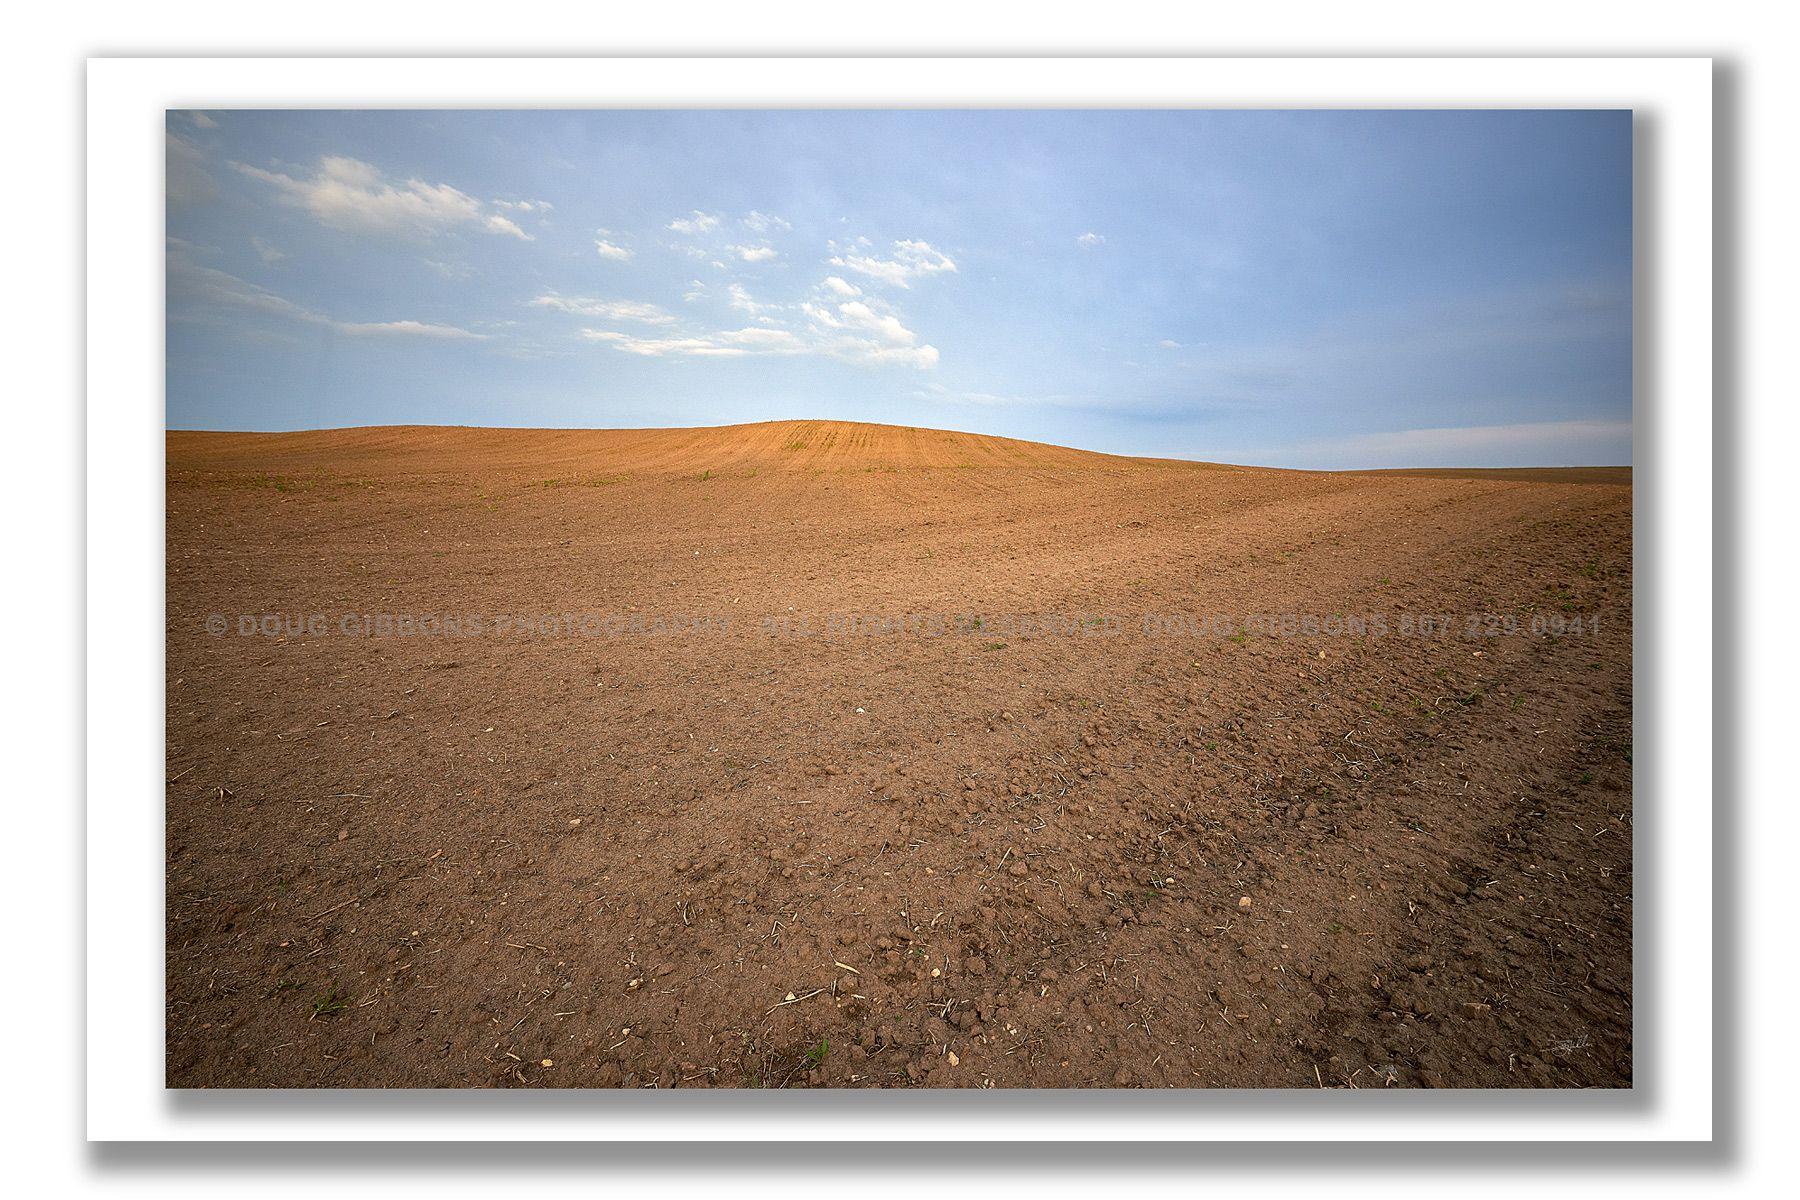 Desolate-